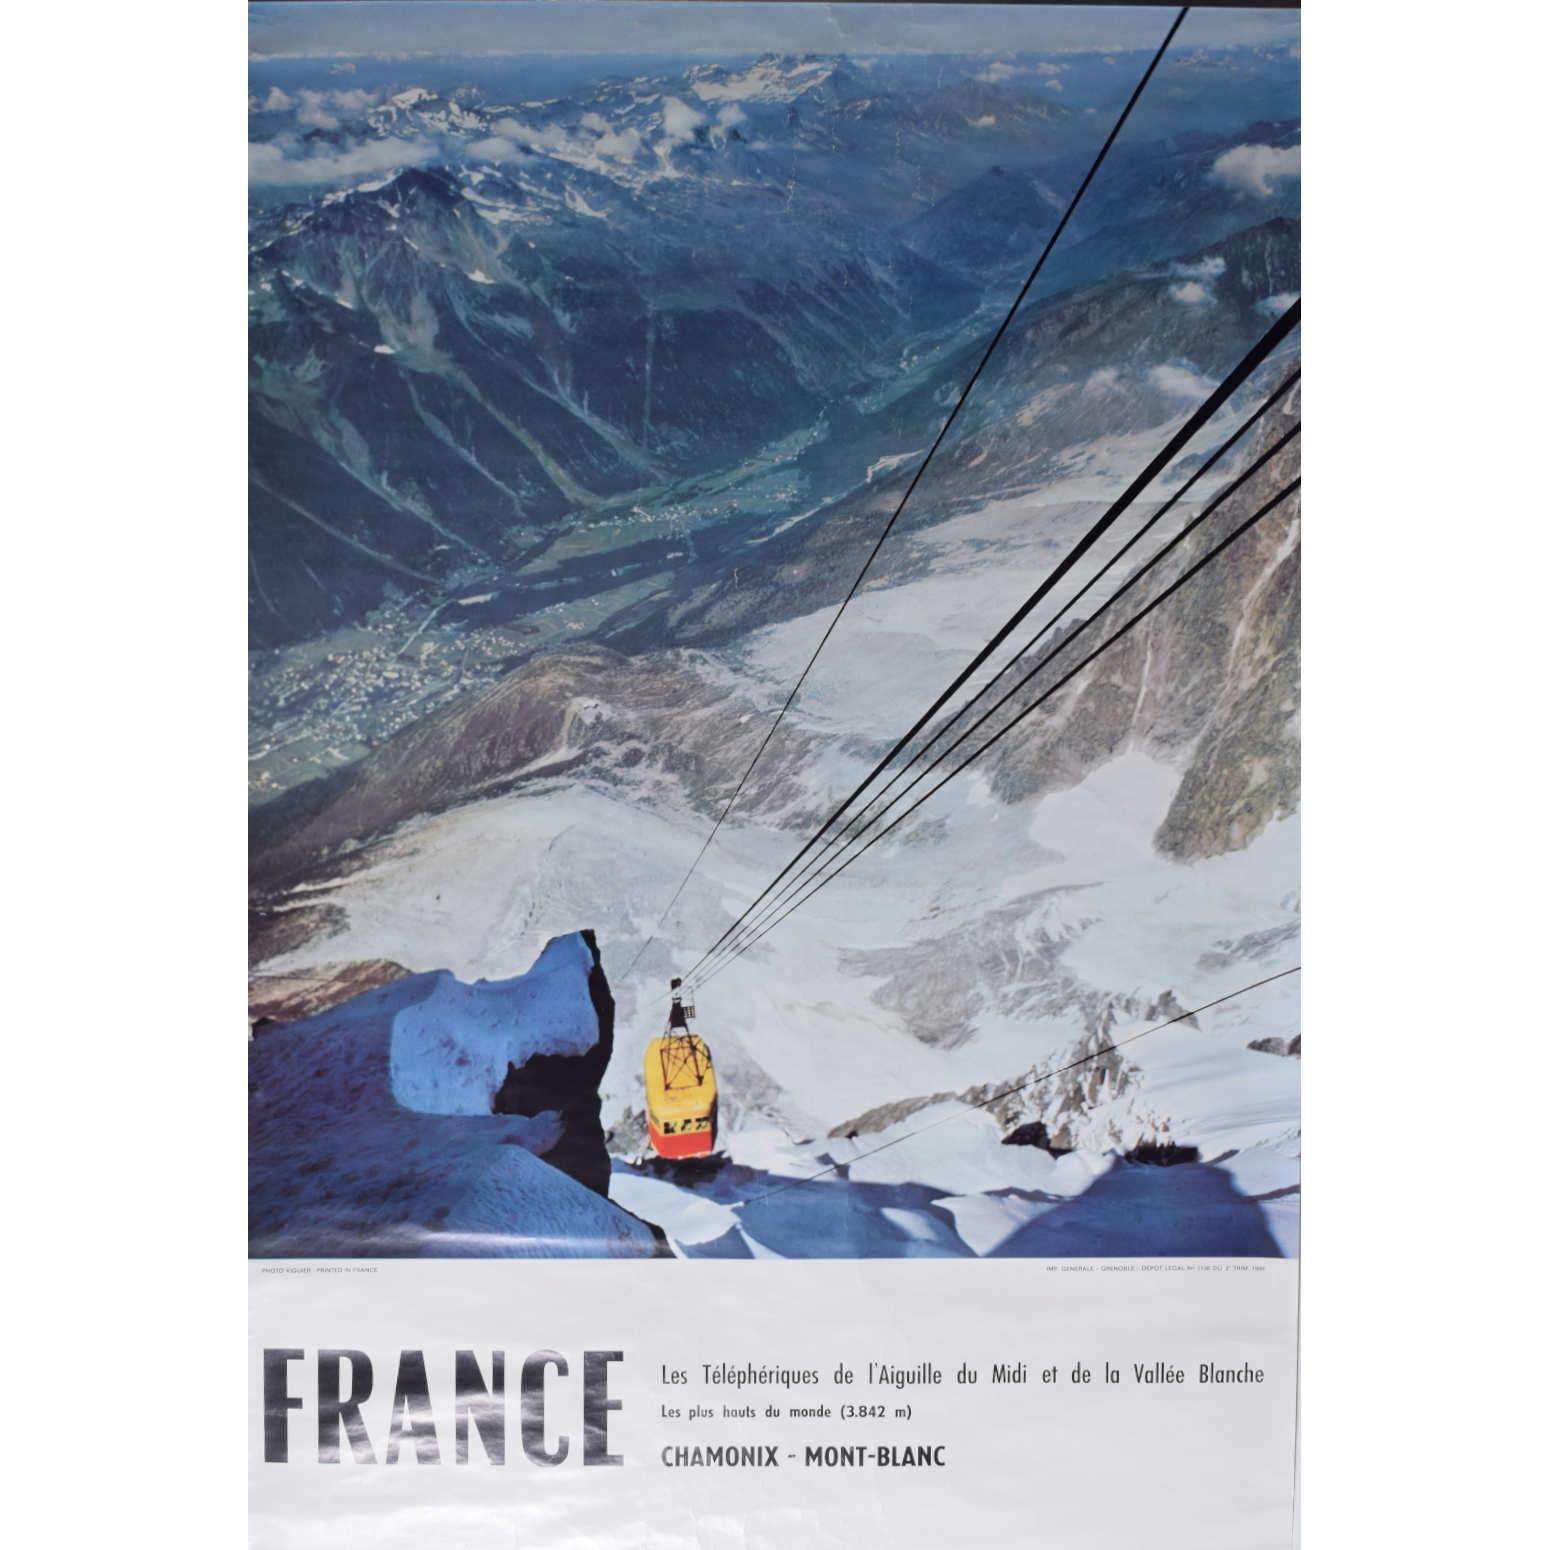 Chamonix Vallée Blanche French skiing poster Télépheriques de l'Aiguille